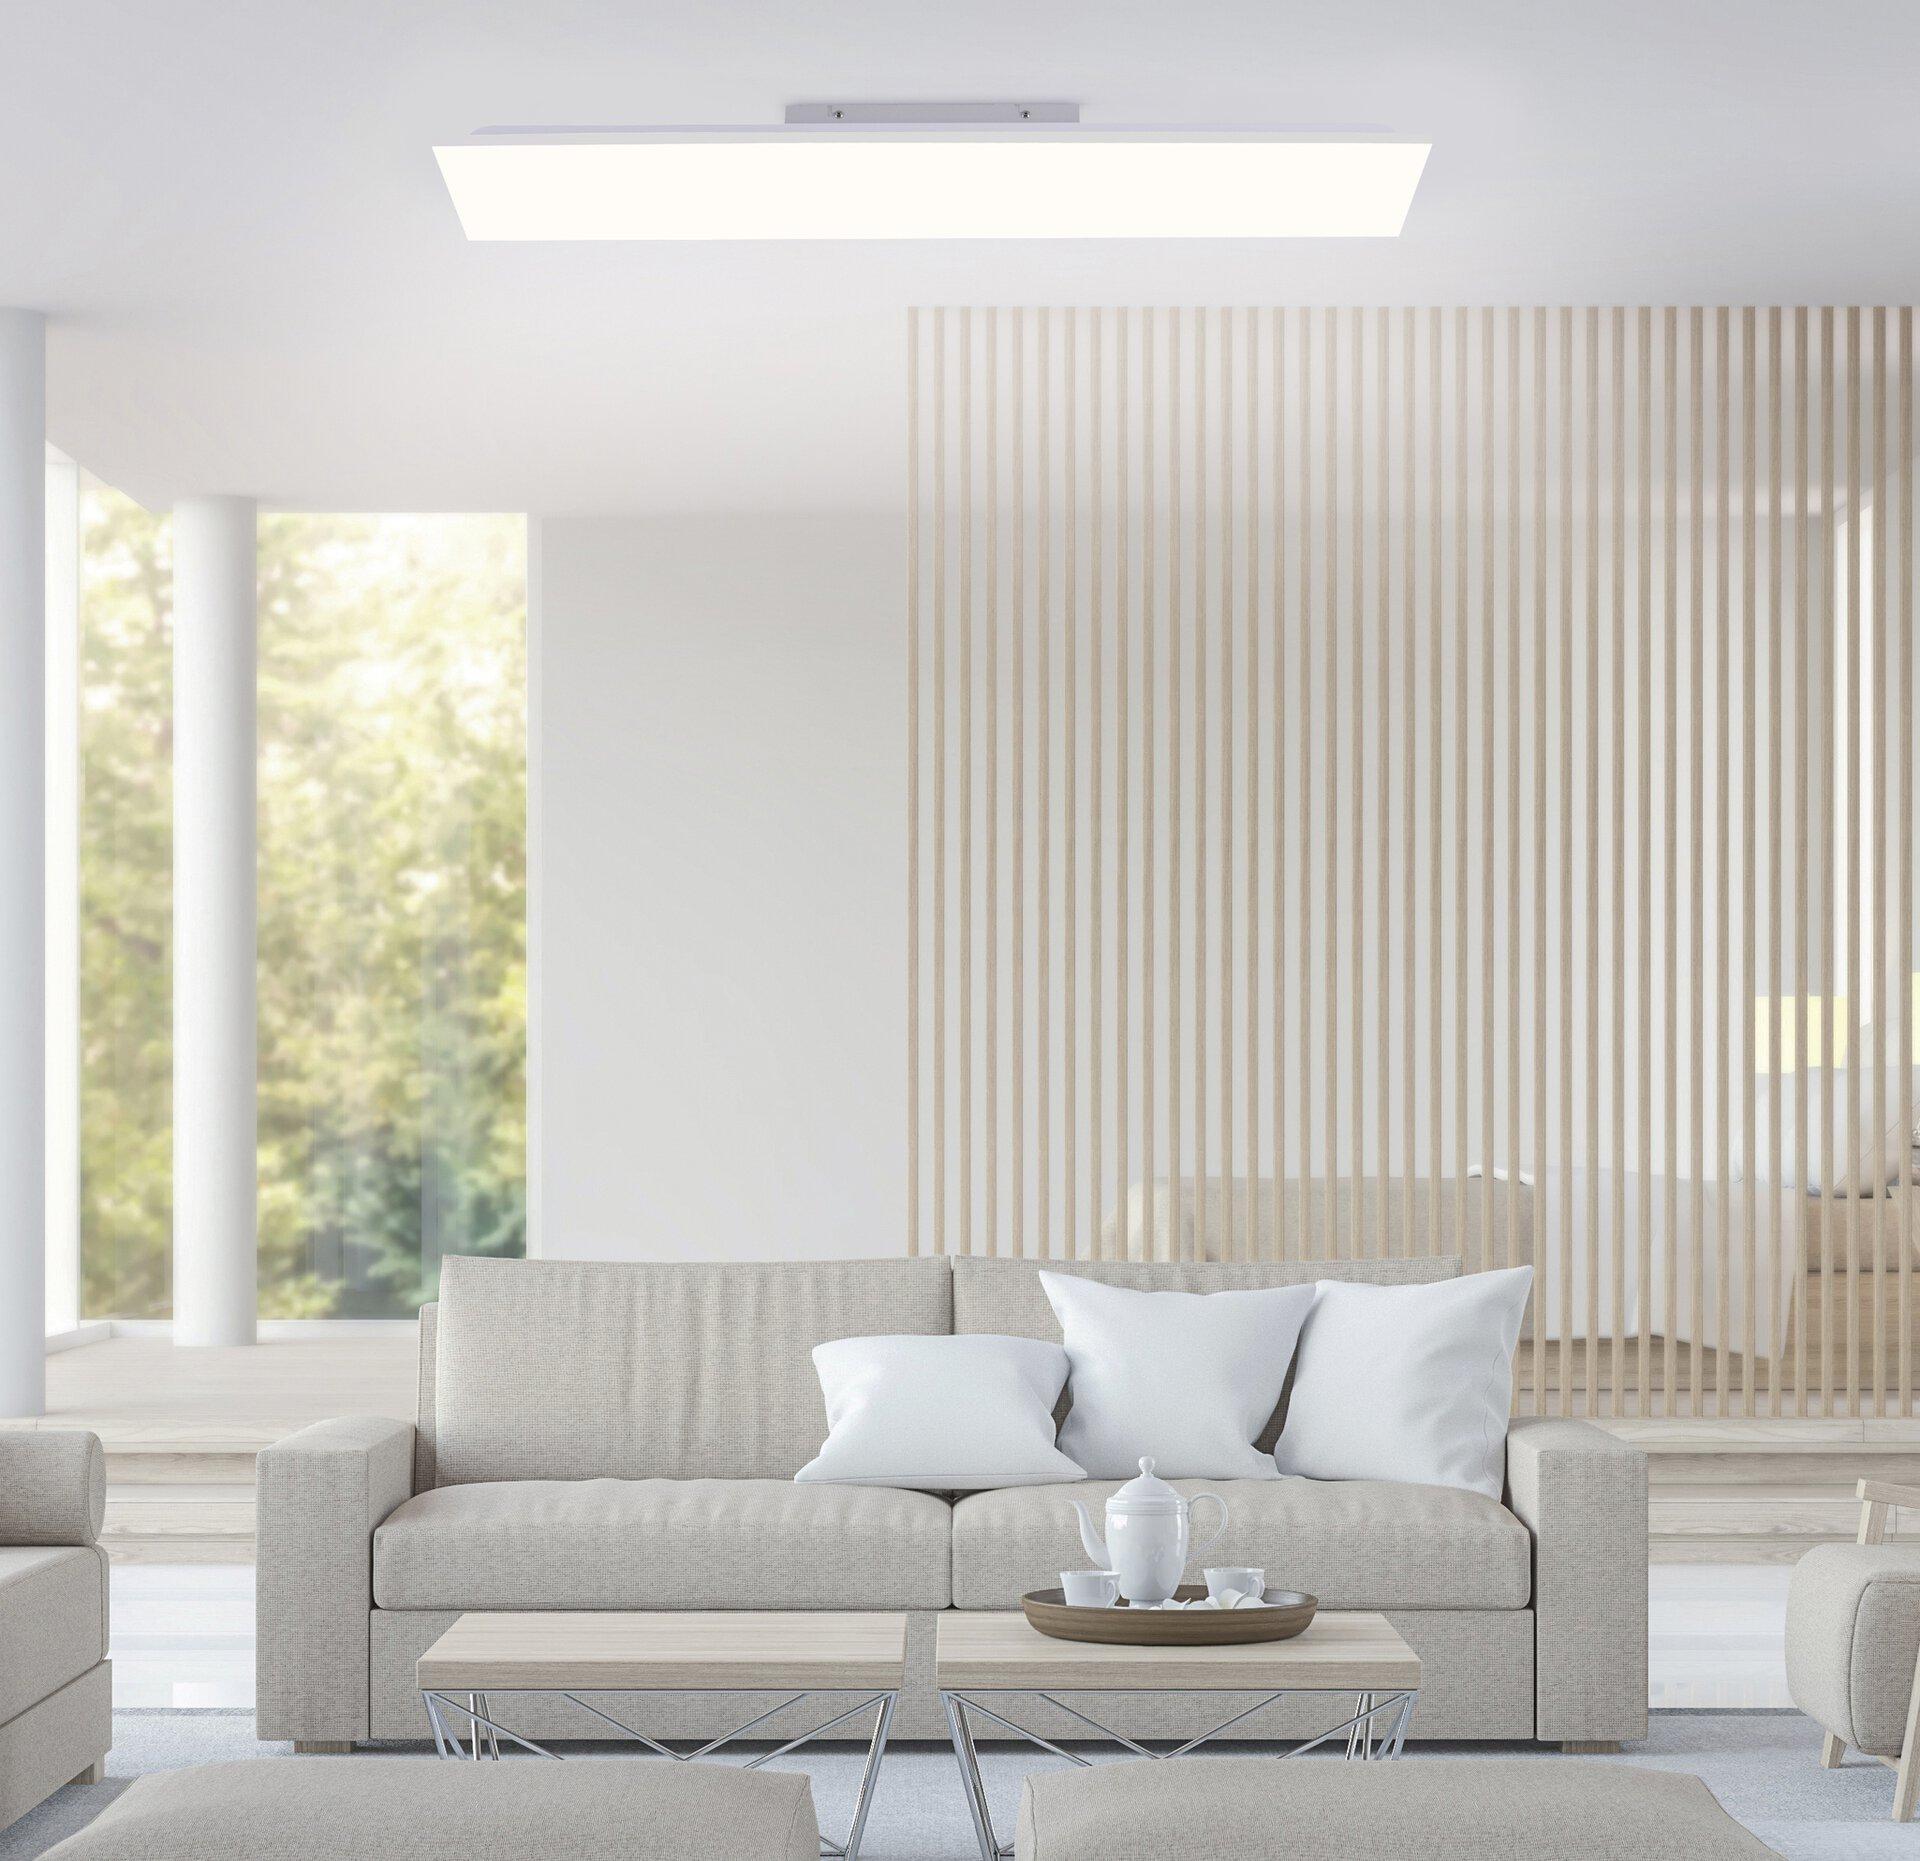 Deckenleuchte CANVAS Leuchtendirekt Metall weiß 25 x 6 x 100 cm